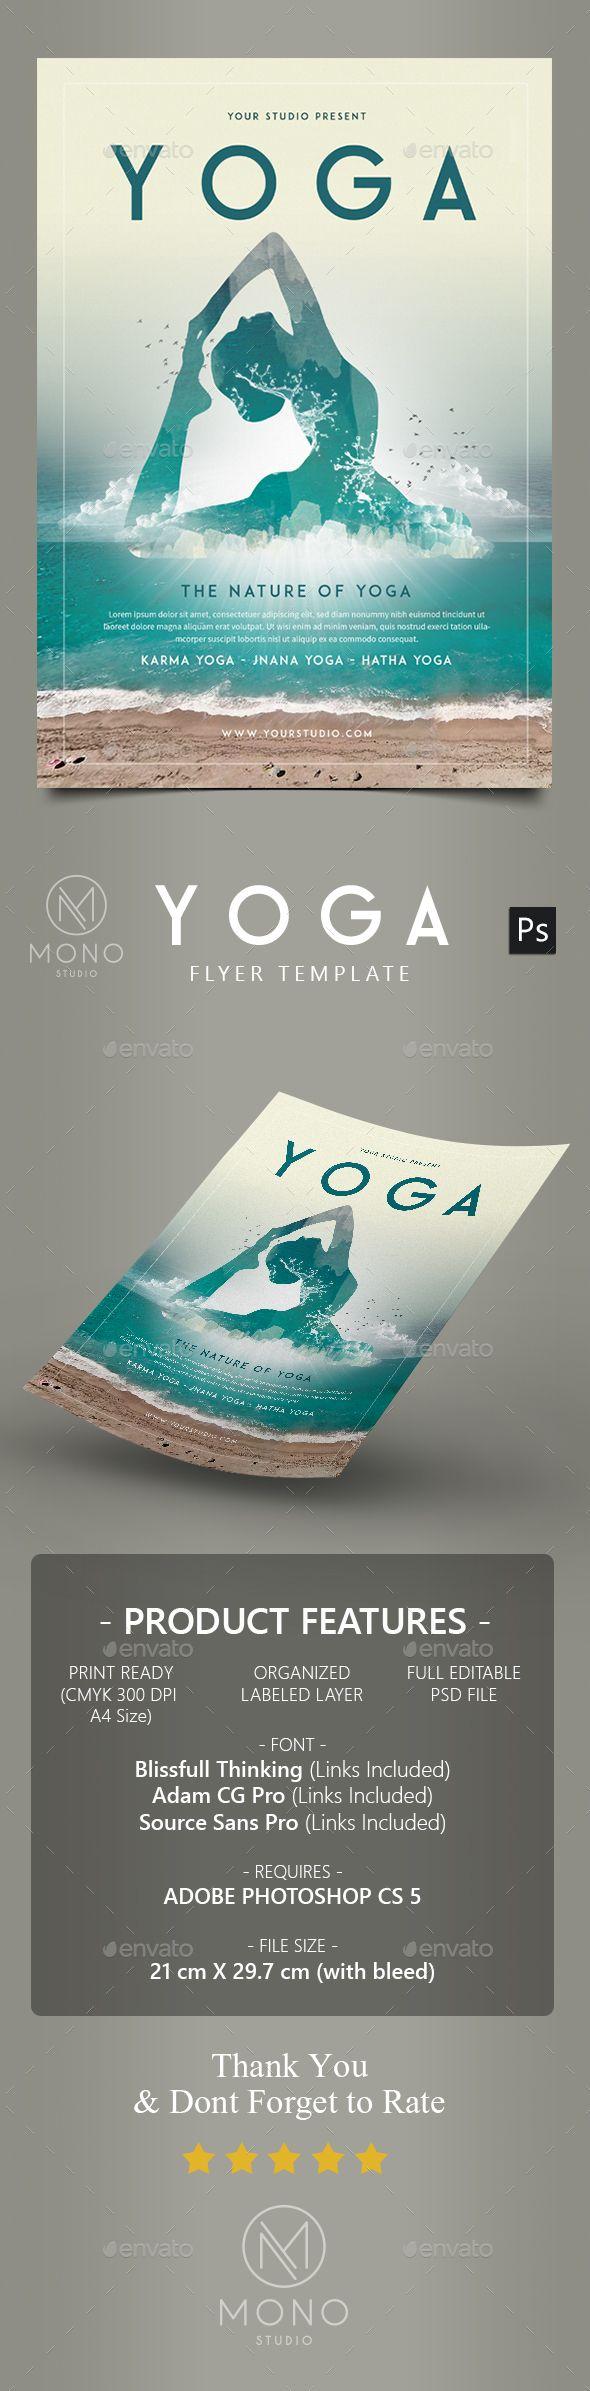 Yoga Flyer / Poster 2   Yoga, Printing and Graphics